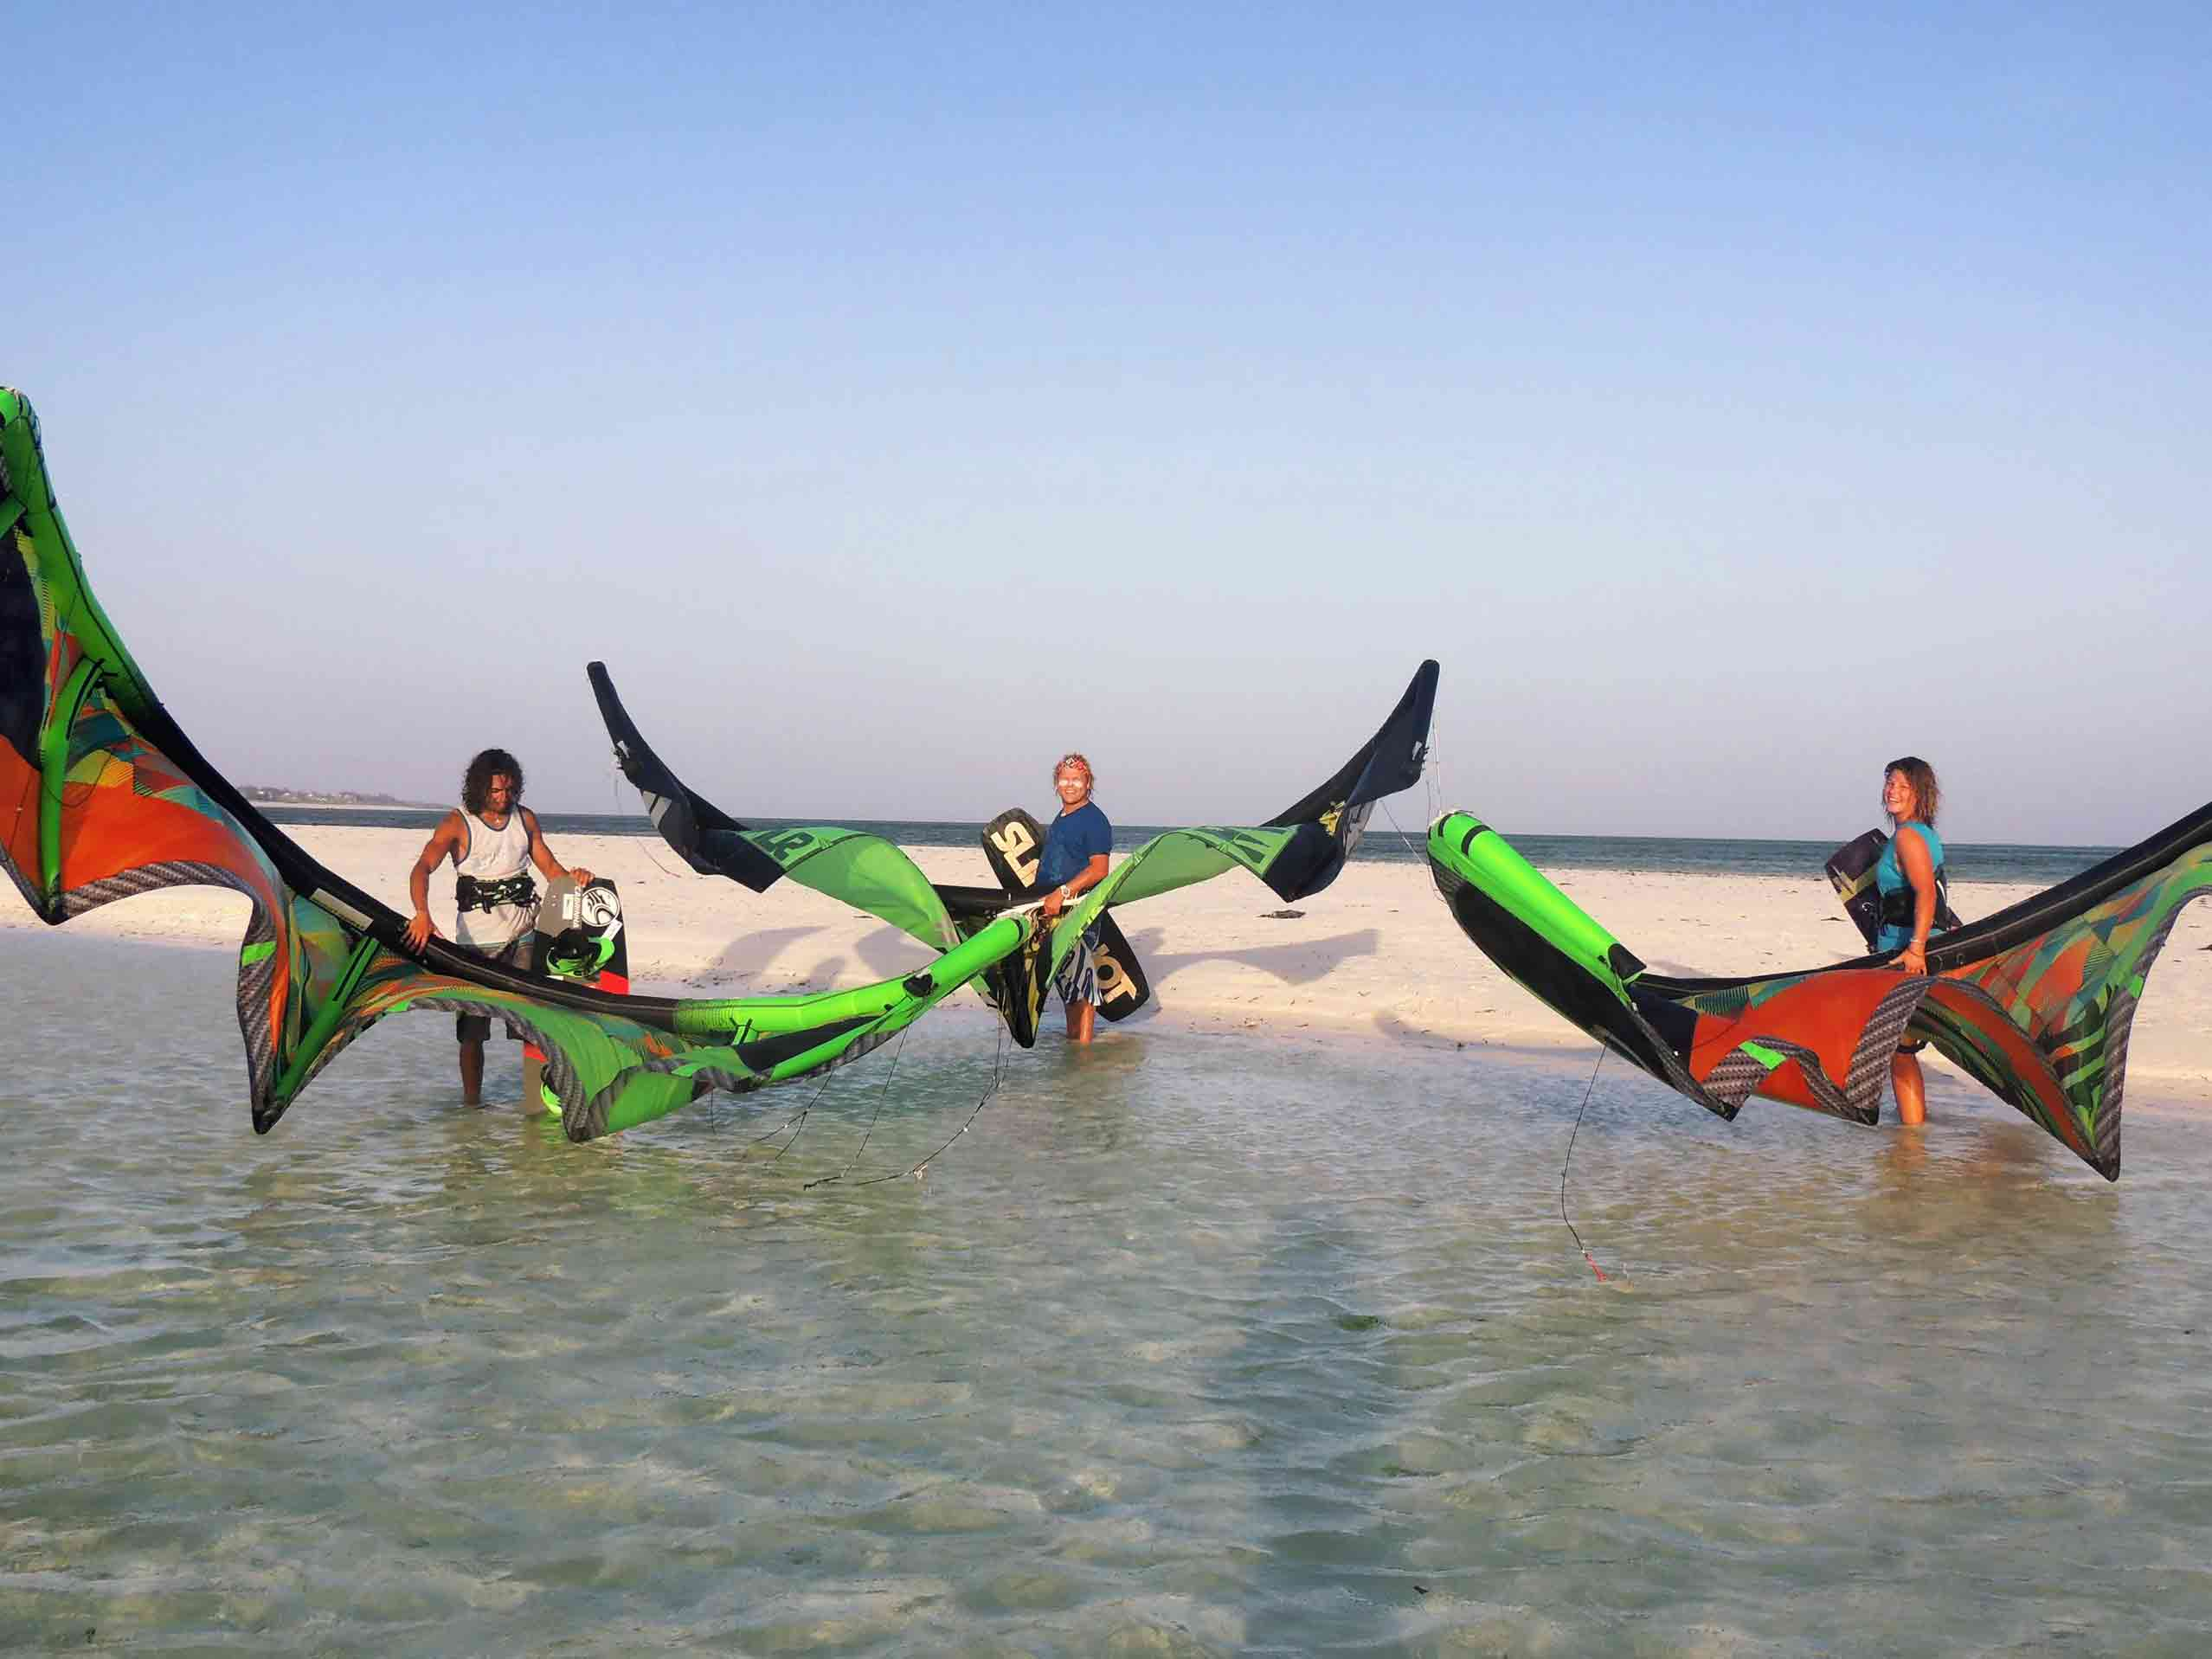 Tribe Watersports - Watamu Kenya - Kitesurfing - Wakeboarding - Stand Up Paddleboarding - Kitesurfing Holiday - Kitesurfing School - kitesurfing kenya - Kitesurfing School Kenya - Watamu Kitesurfing - Kitesurfing Coaching Holidays - DSCN00701